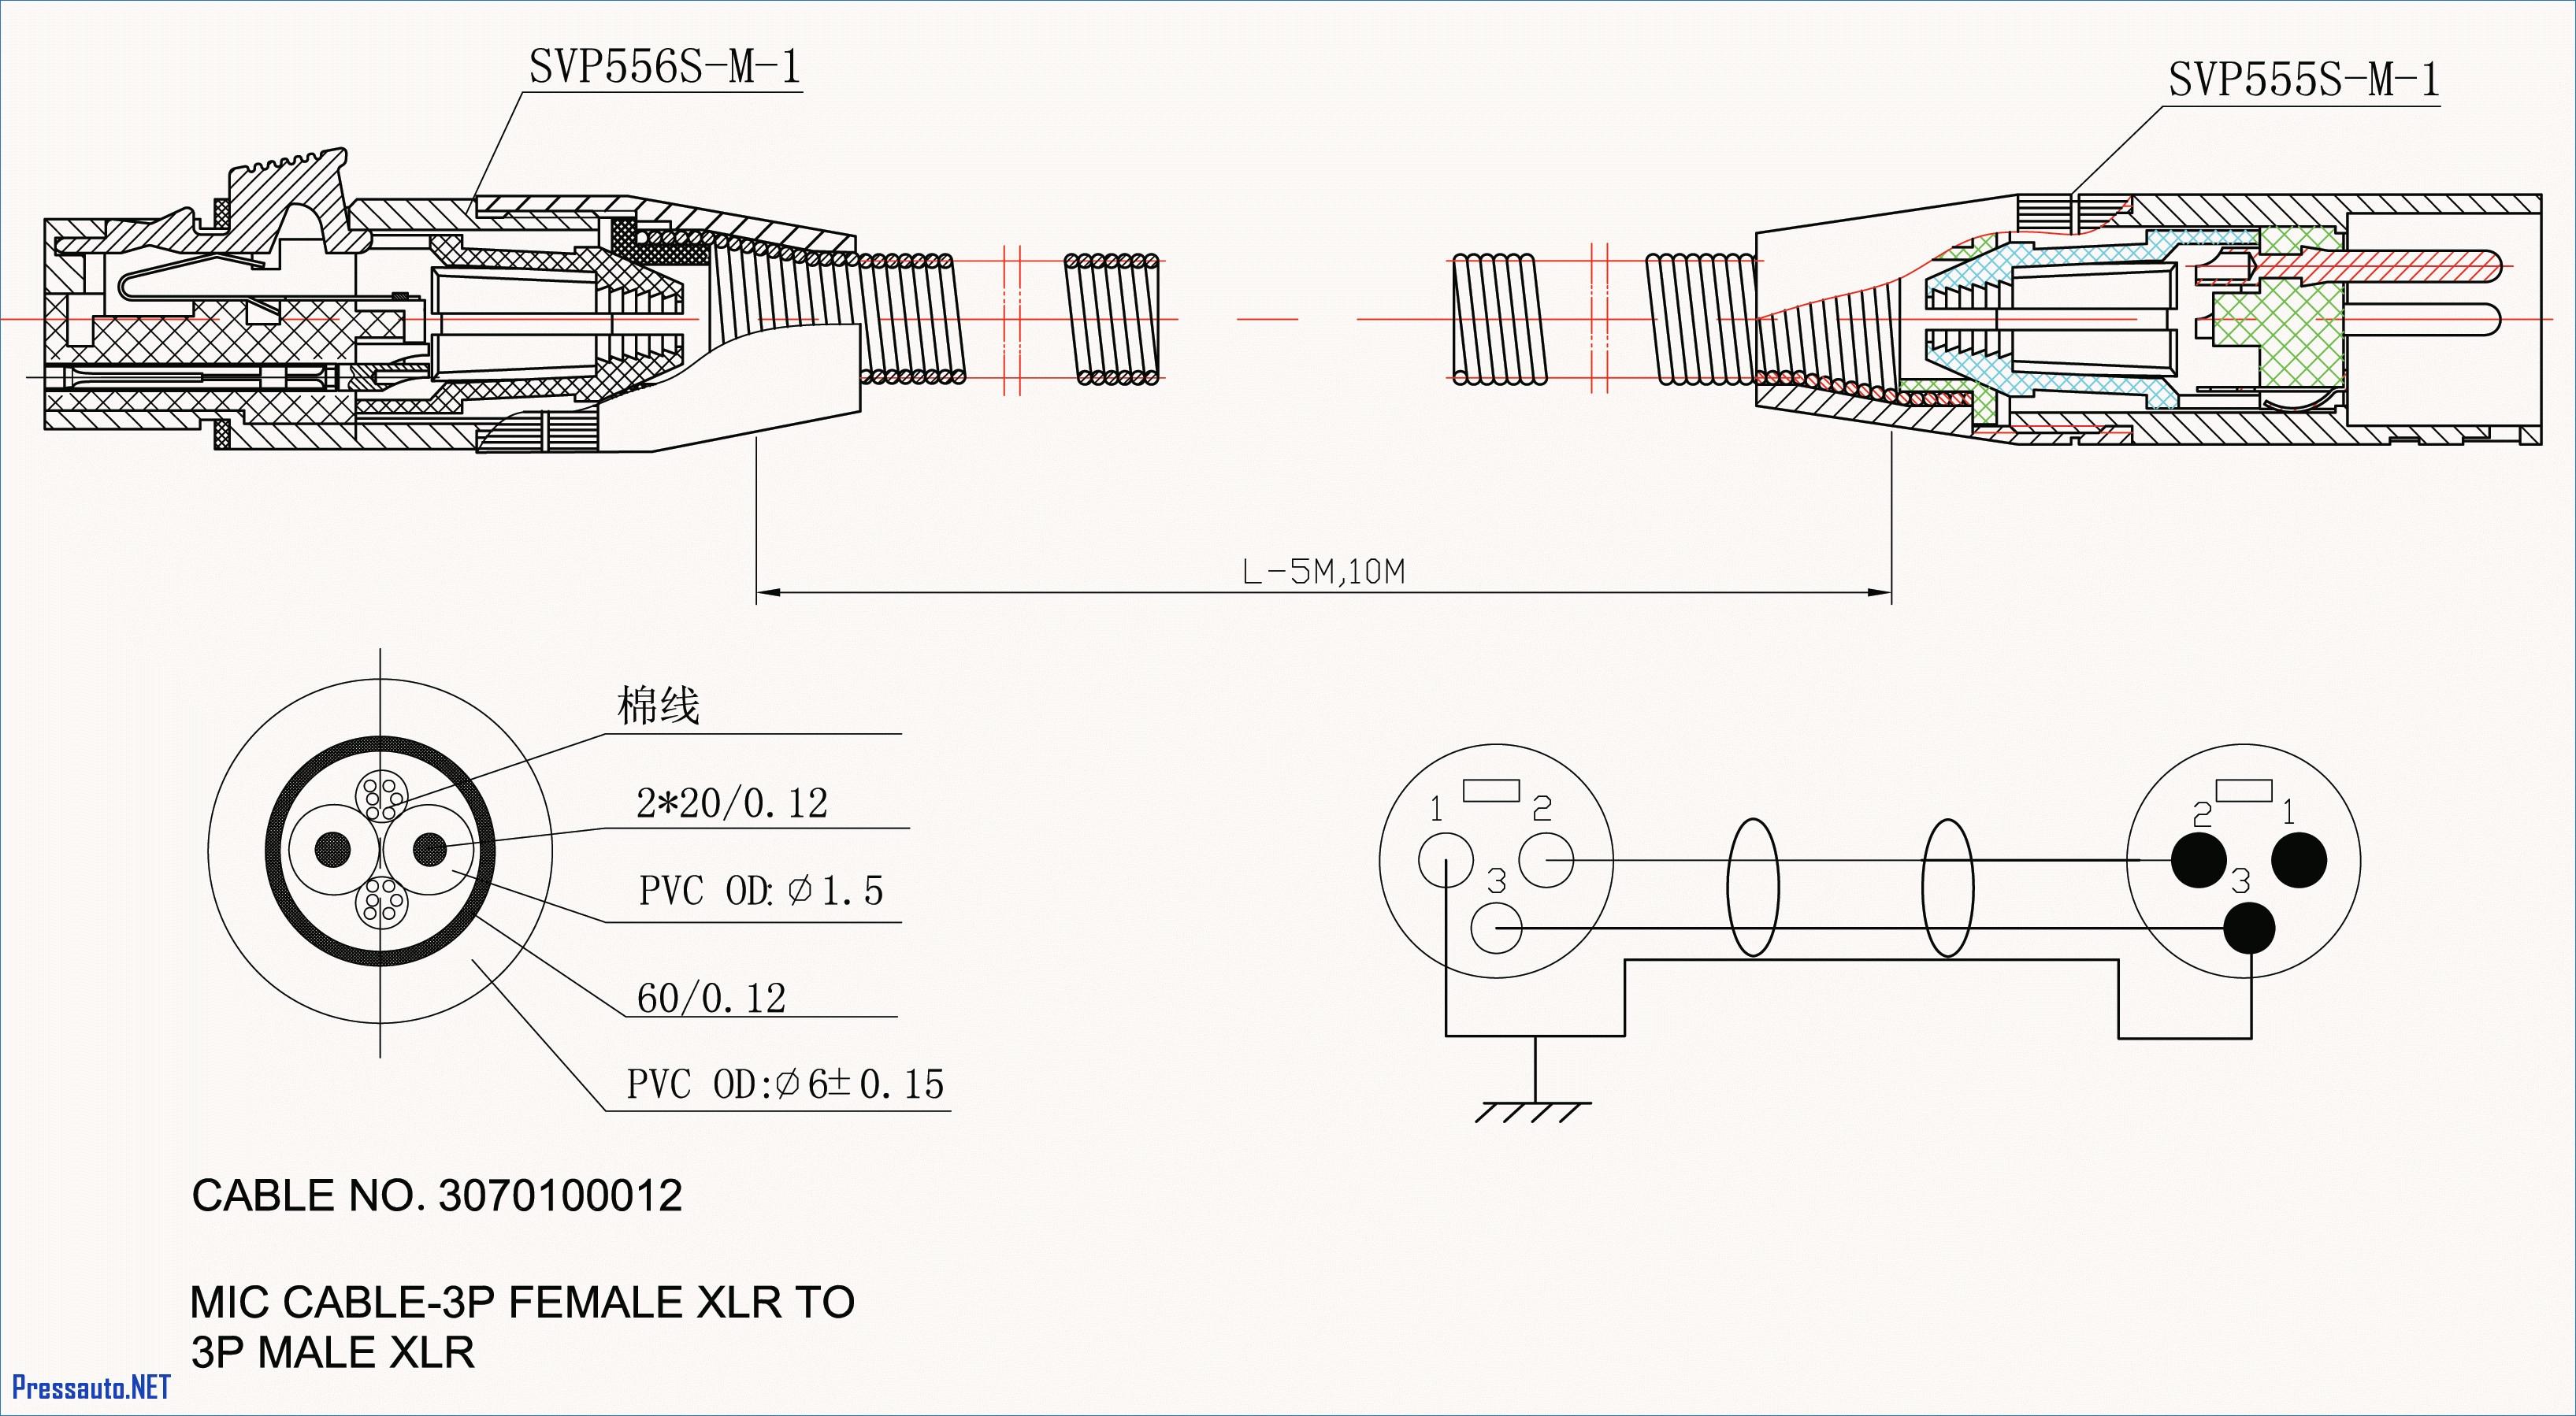 terminal block wiring diagram Collection-Terminal Block Wiring Diagram Free Downloads Terminal Block Wiring Diagram Unique 3 Wire Microphone Wiring 2-o